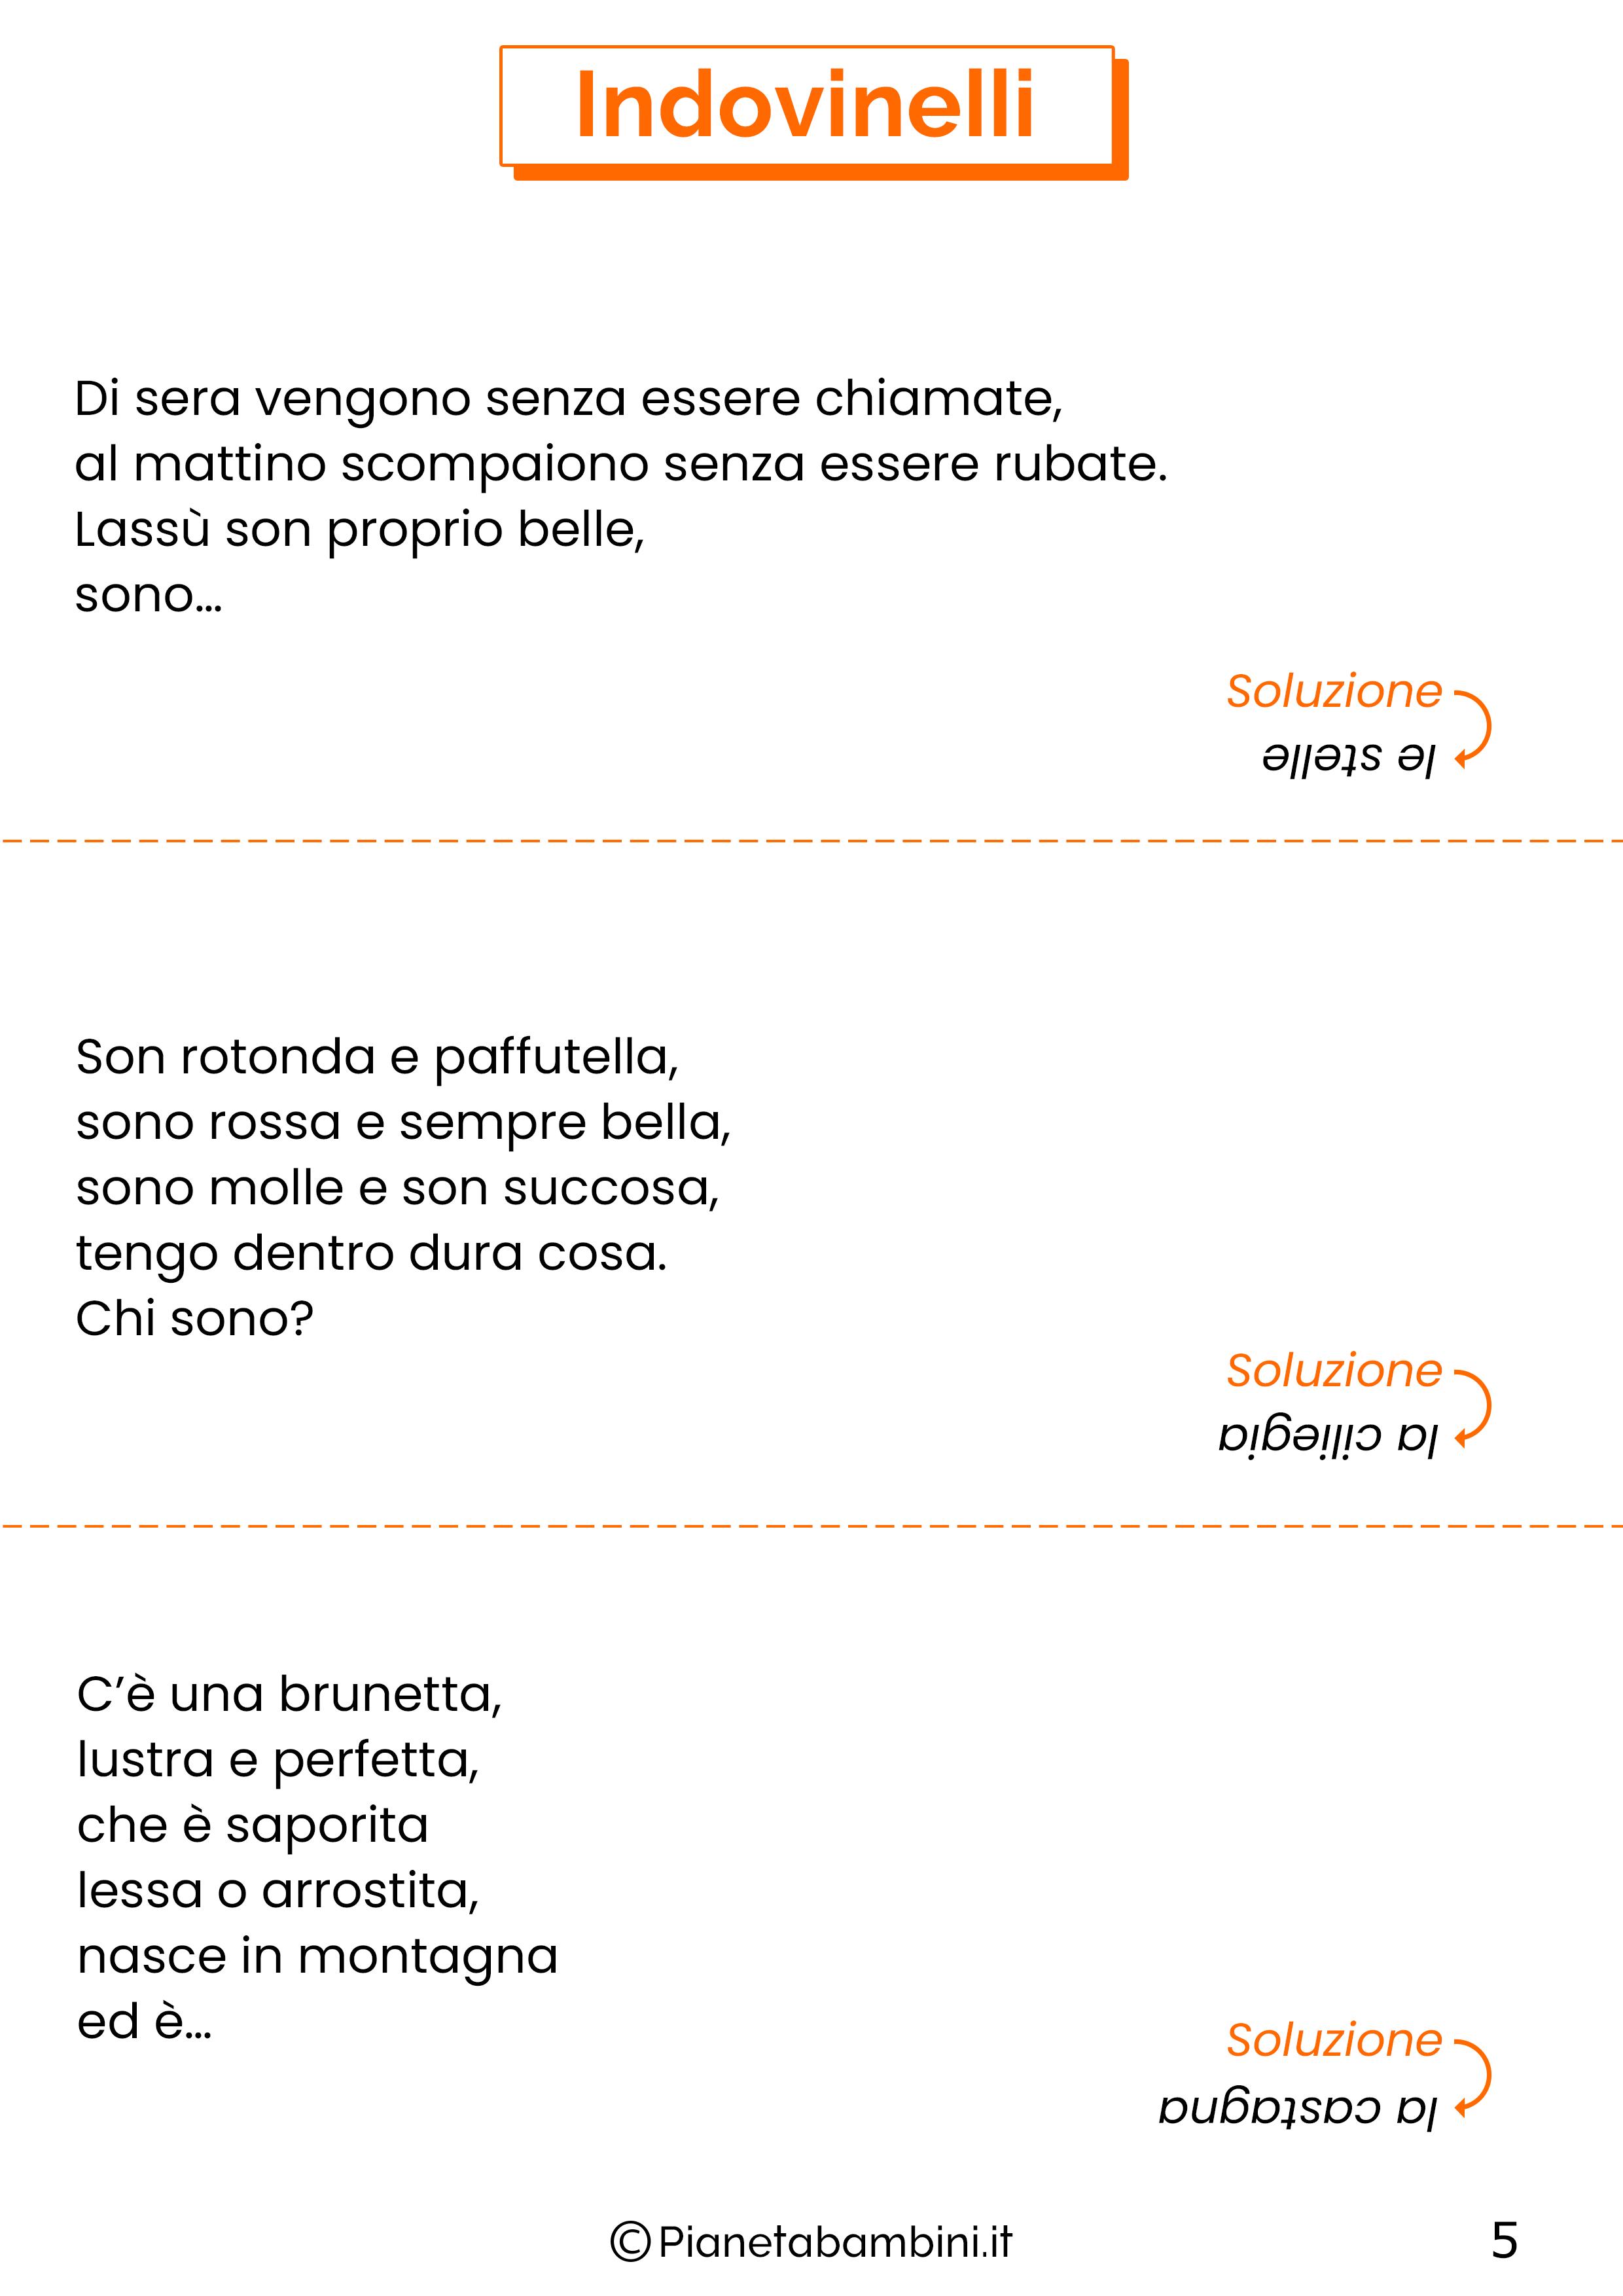 Indovinelli per bambini di 8-9-10 anni con soluzioni 05